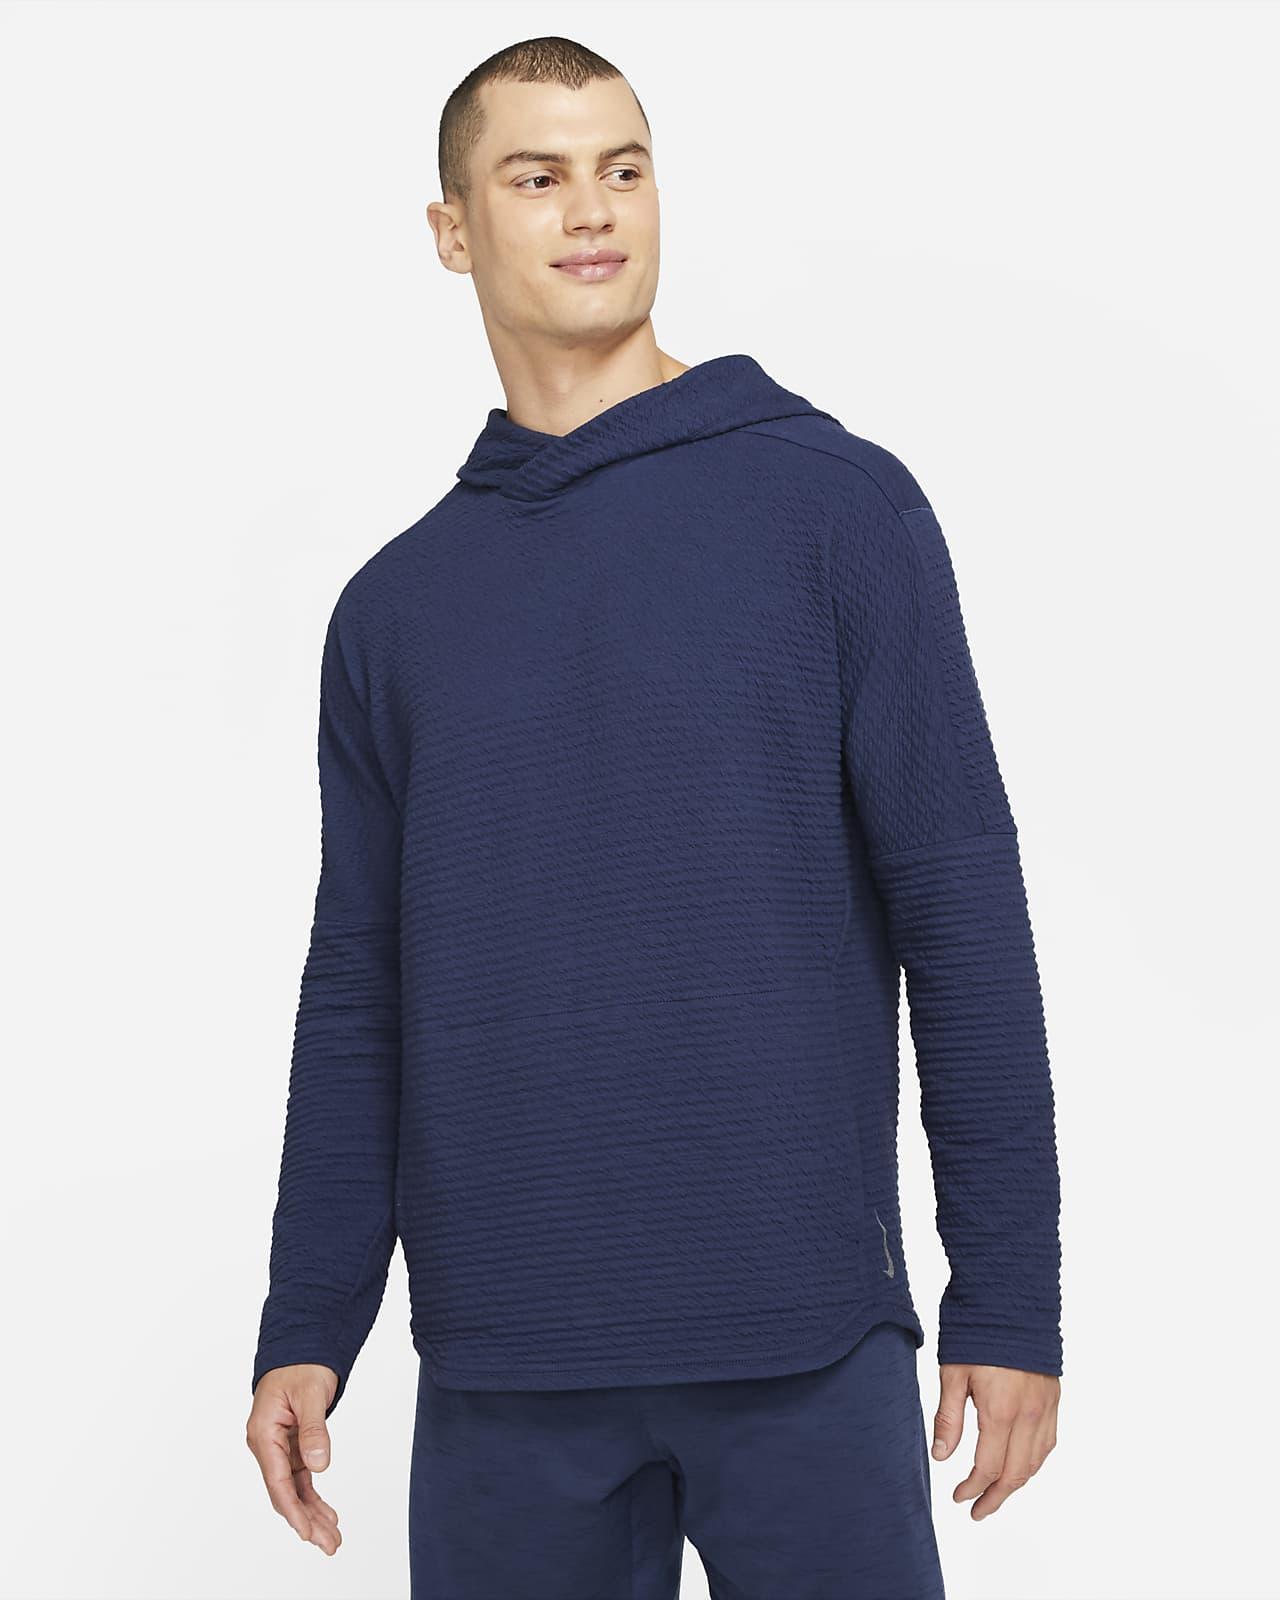 Męska bluza z kapturem Nike Yoga Nomad